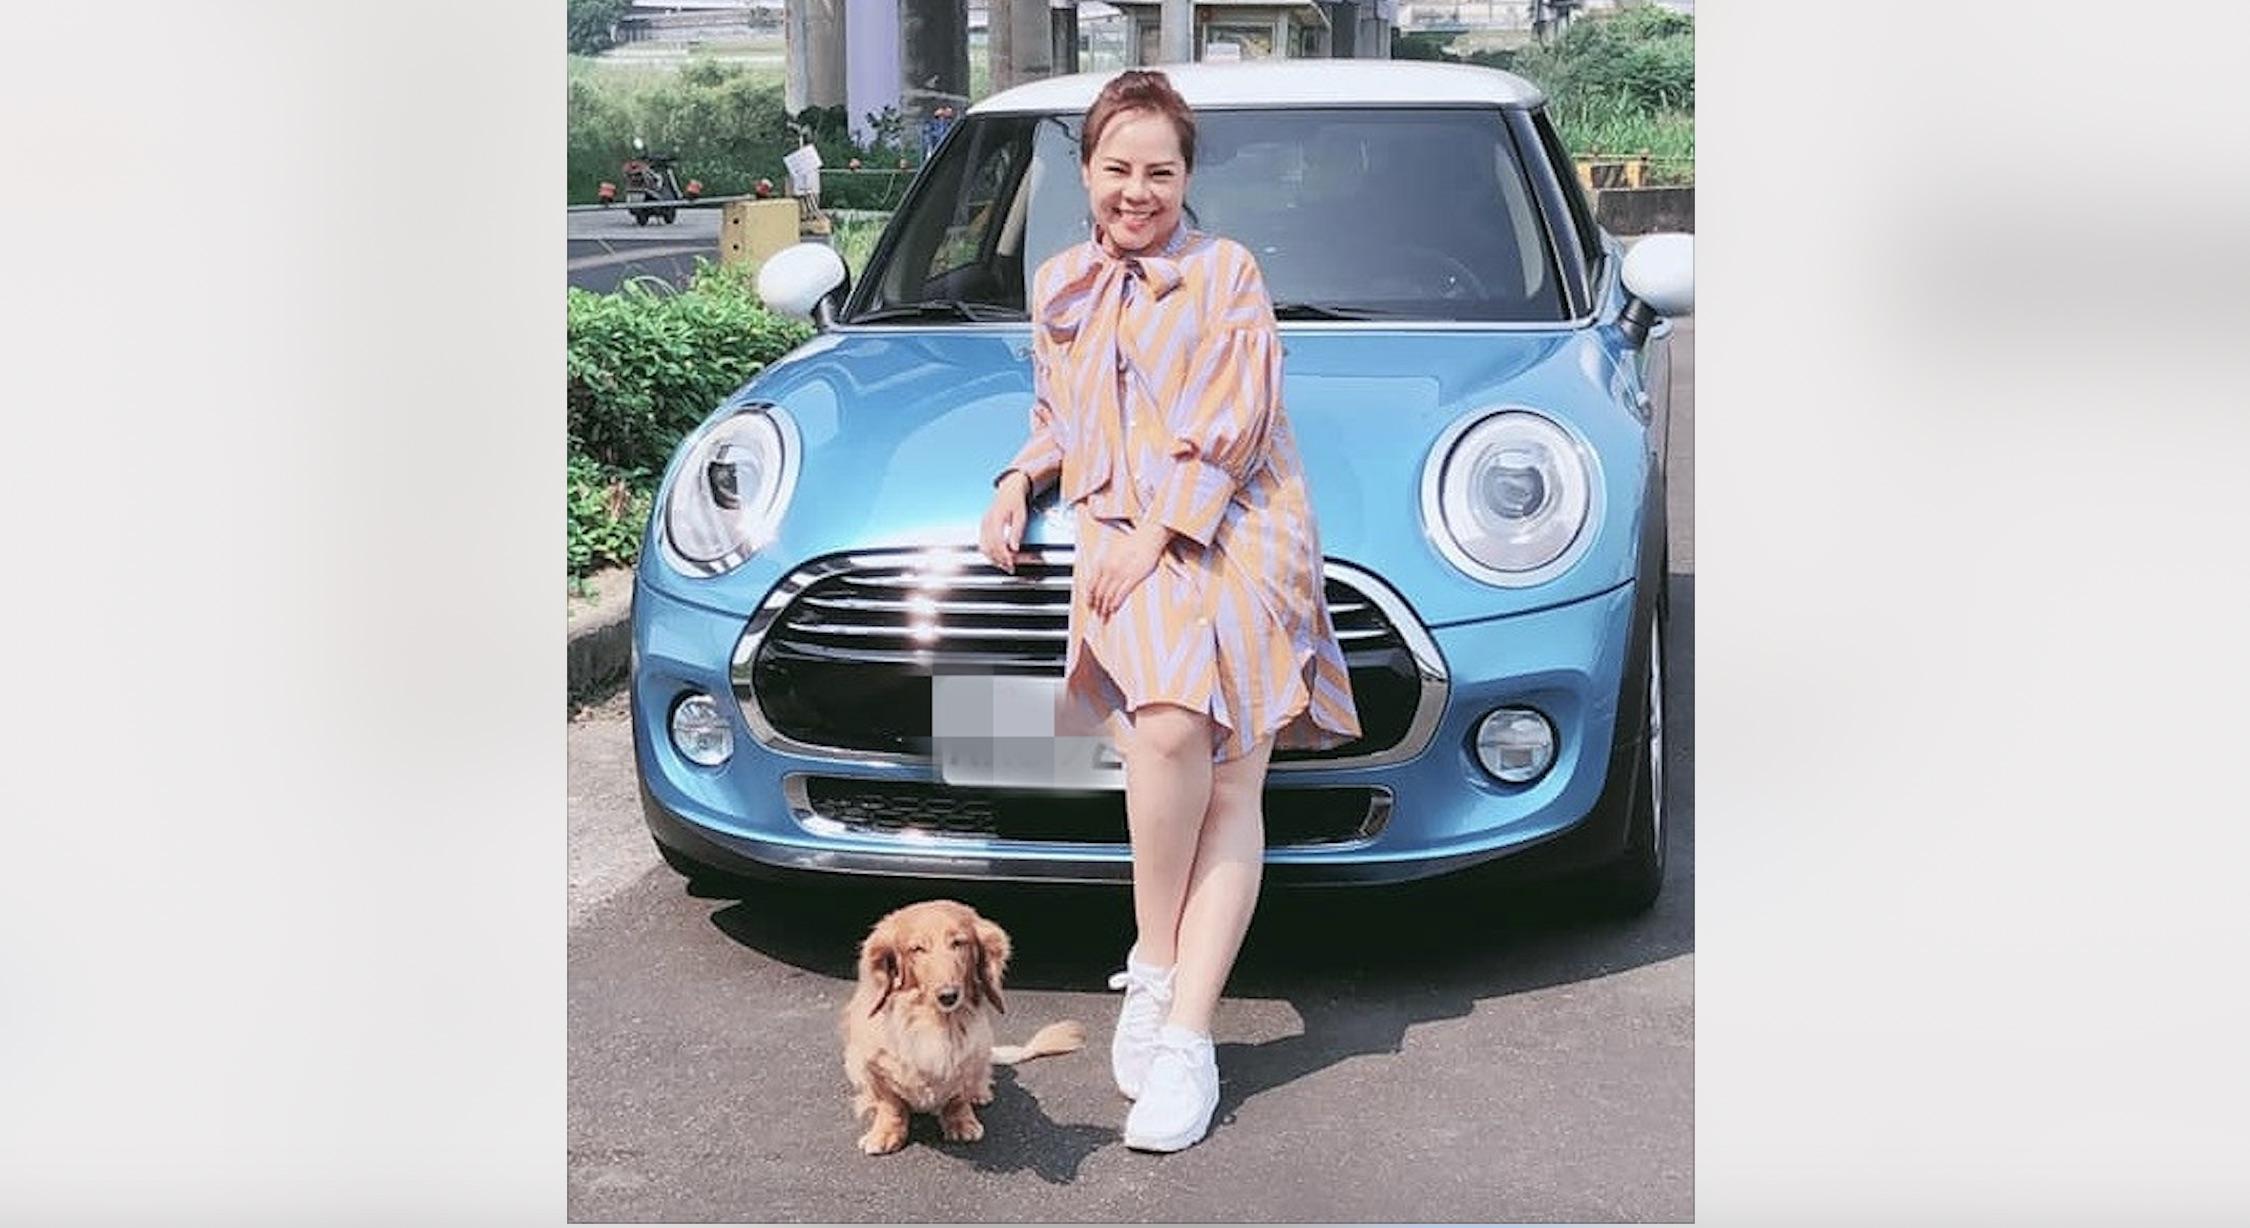 【明星聊愛車】錦雯因老公改開Mini Hatch Cooper三門掀背 竟被爸媽嫌開「不孝車」?